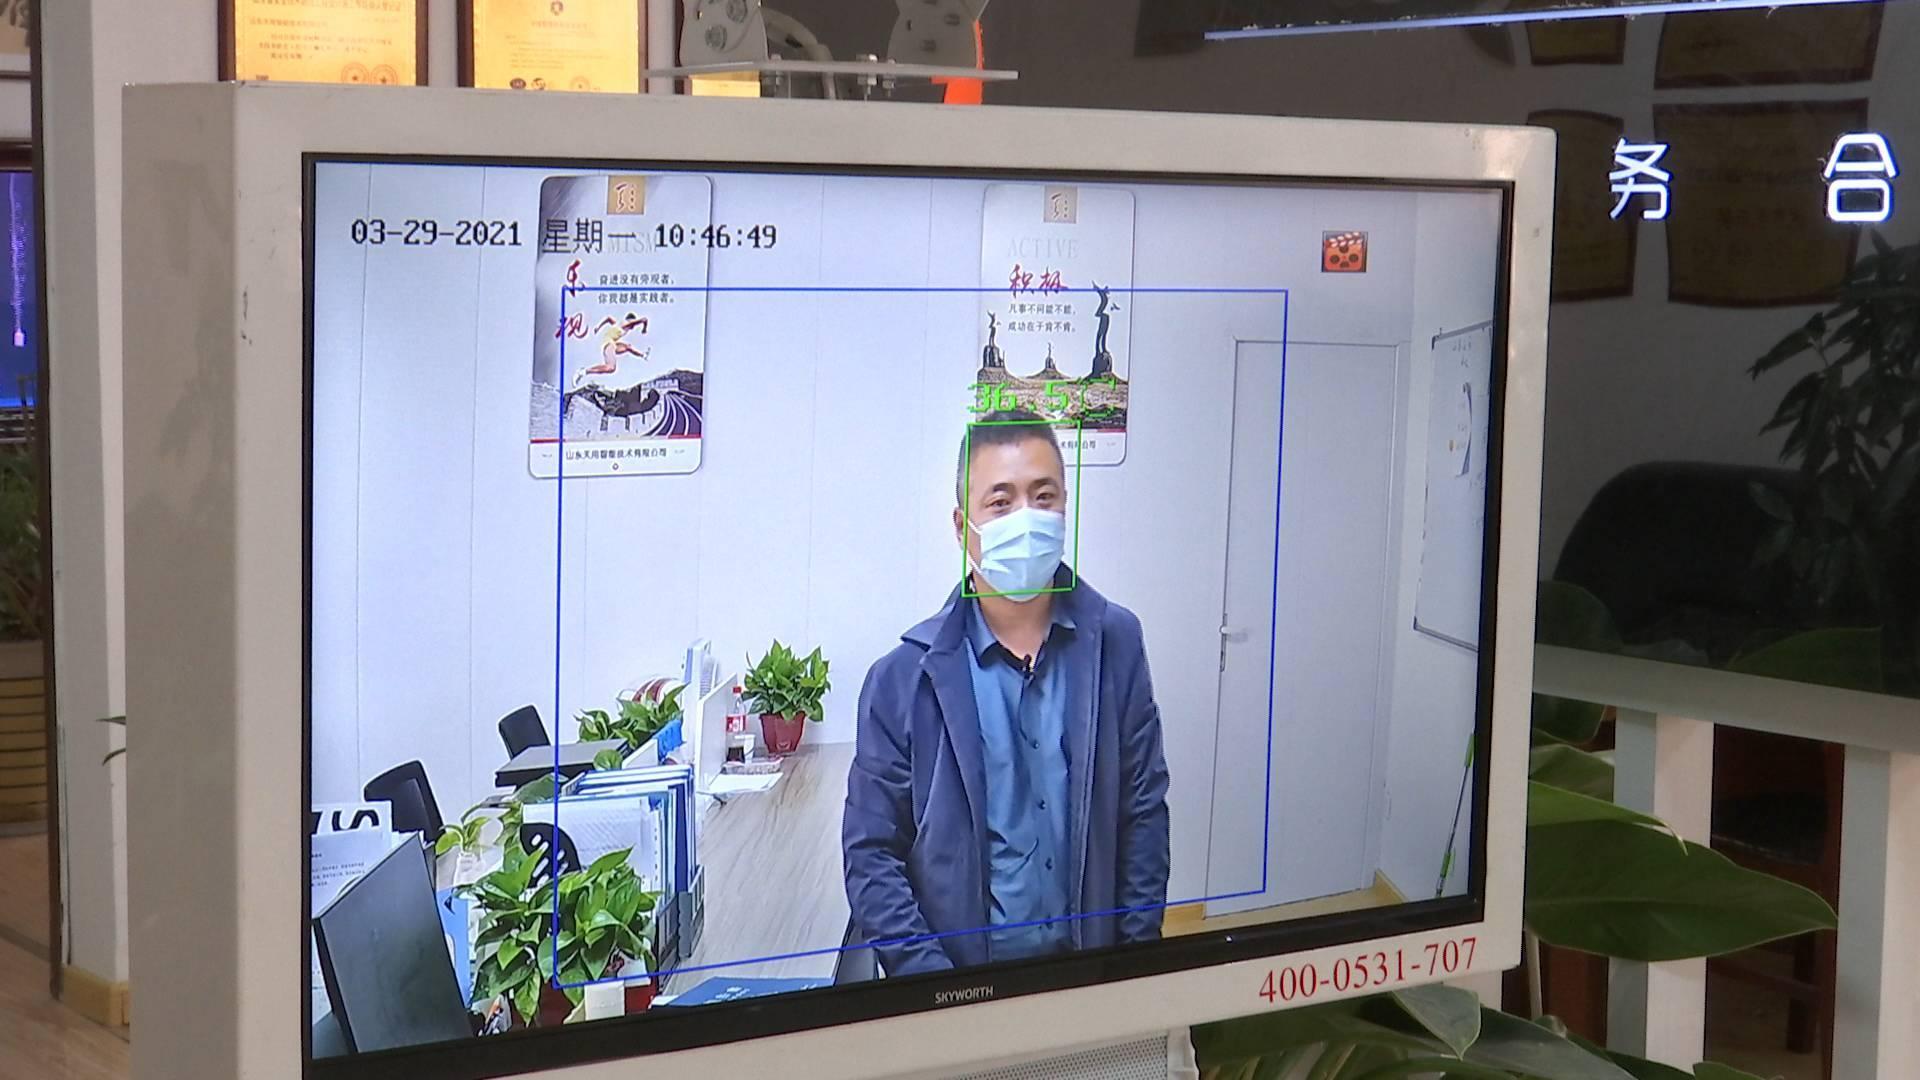 了不起的山东人|带领团队研发出国内首台低温测温仪,他捐赠设备价值130多万元